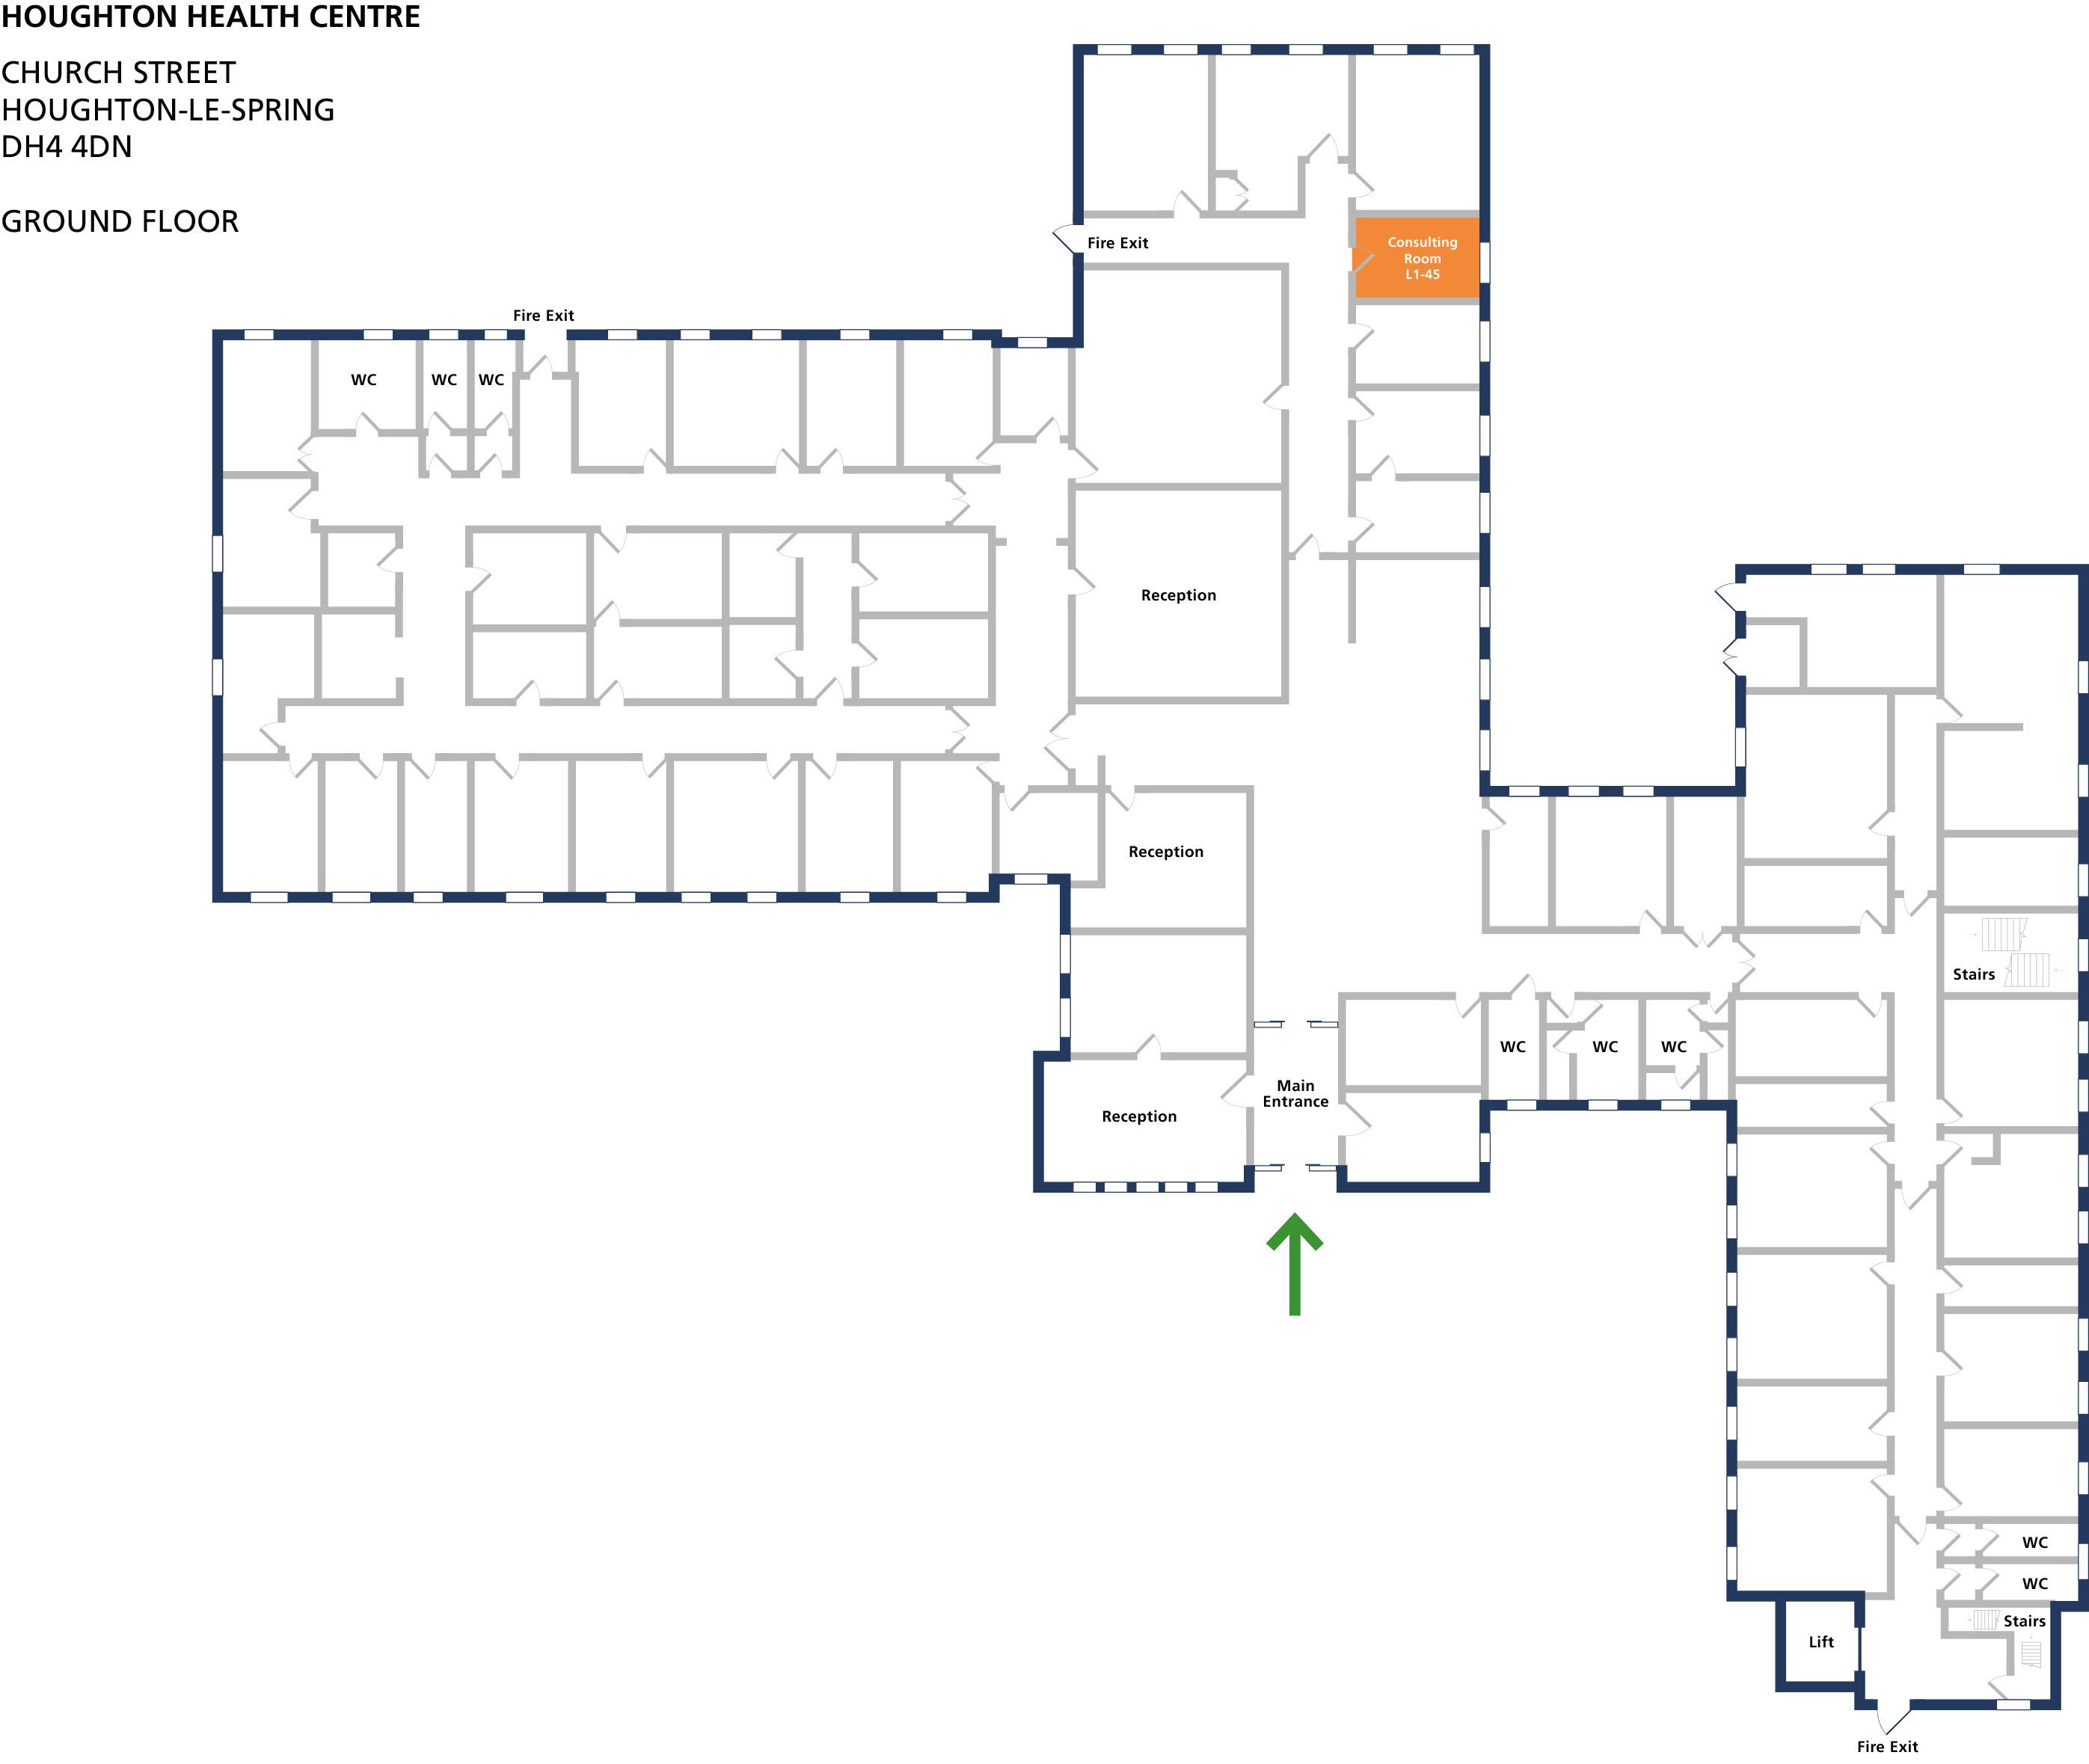 Examination room 45